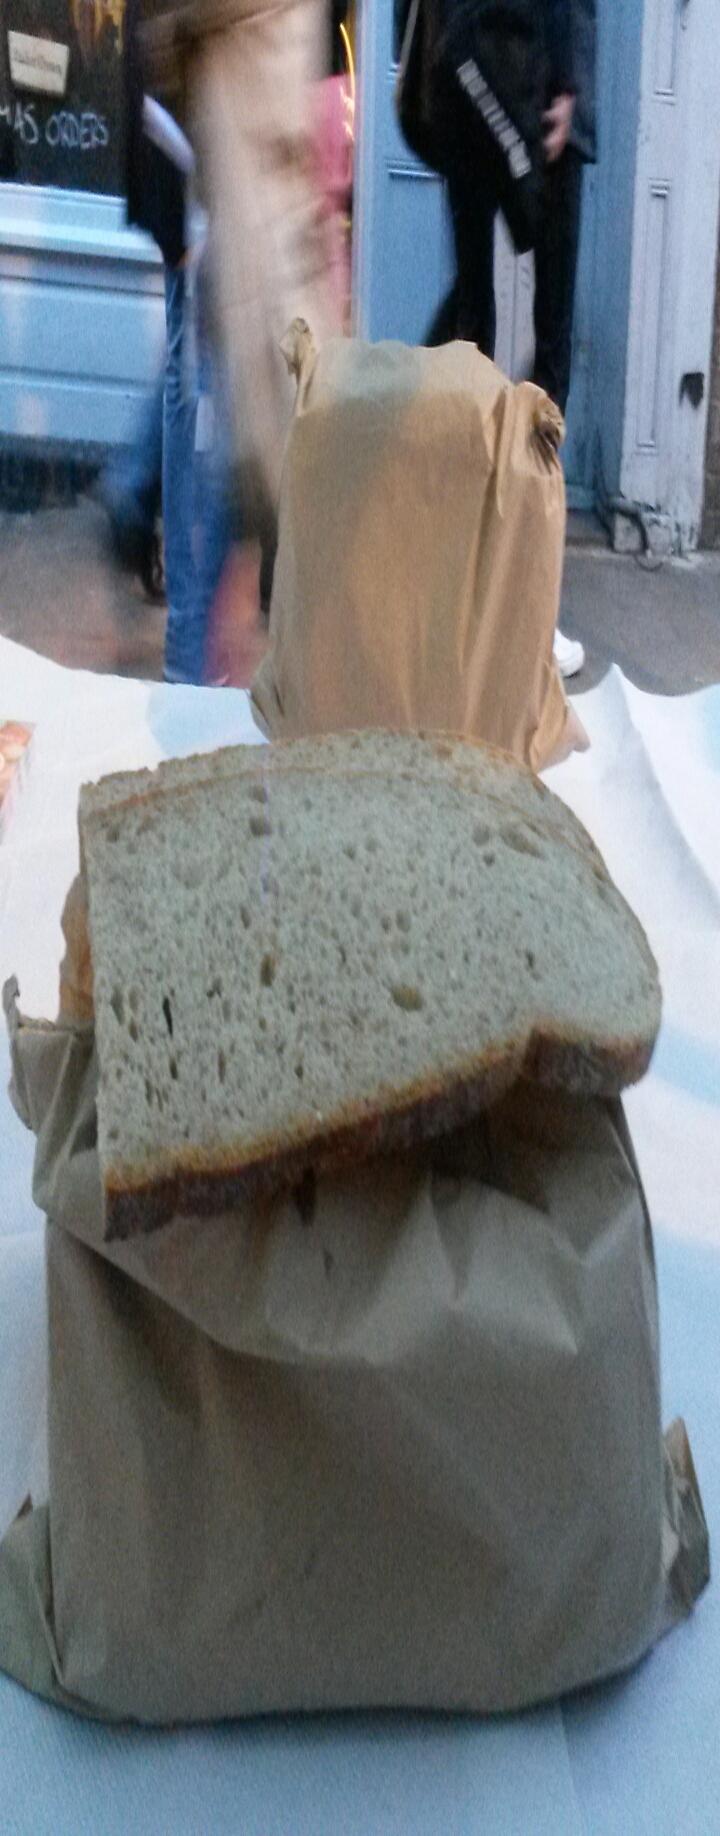 Slices of sourdough bread